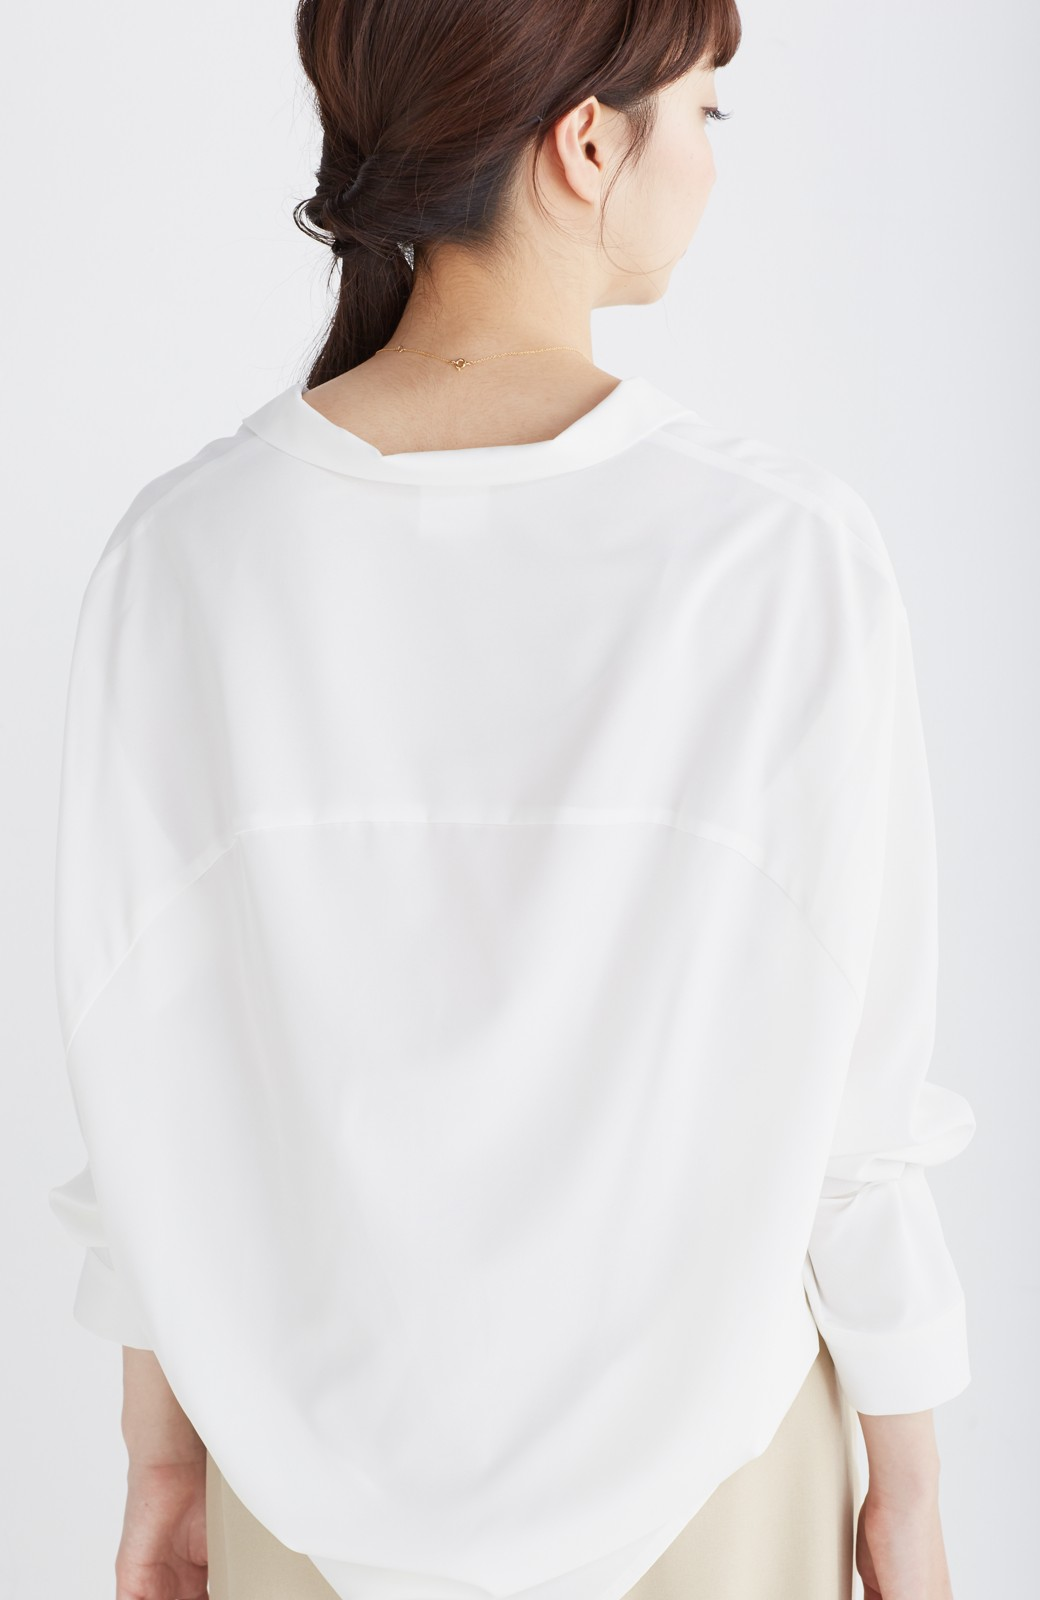 エムトロワ 女らしくてかっこいい スキッパー&抜き衿のとろみシャツ <ホワイト>の商品写真16